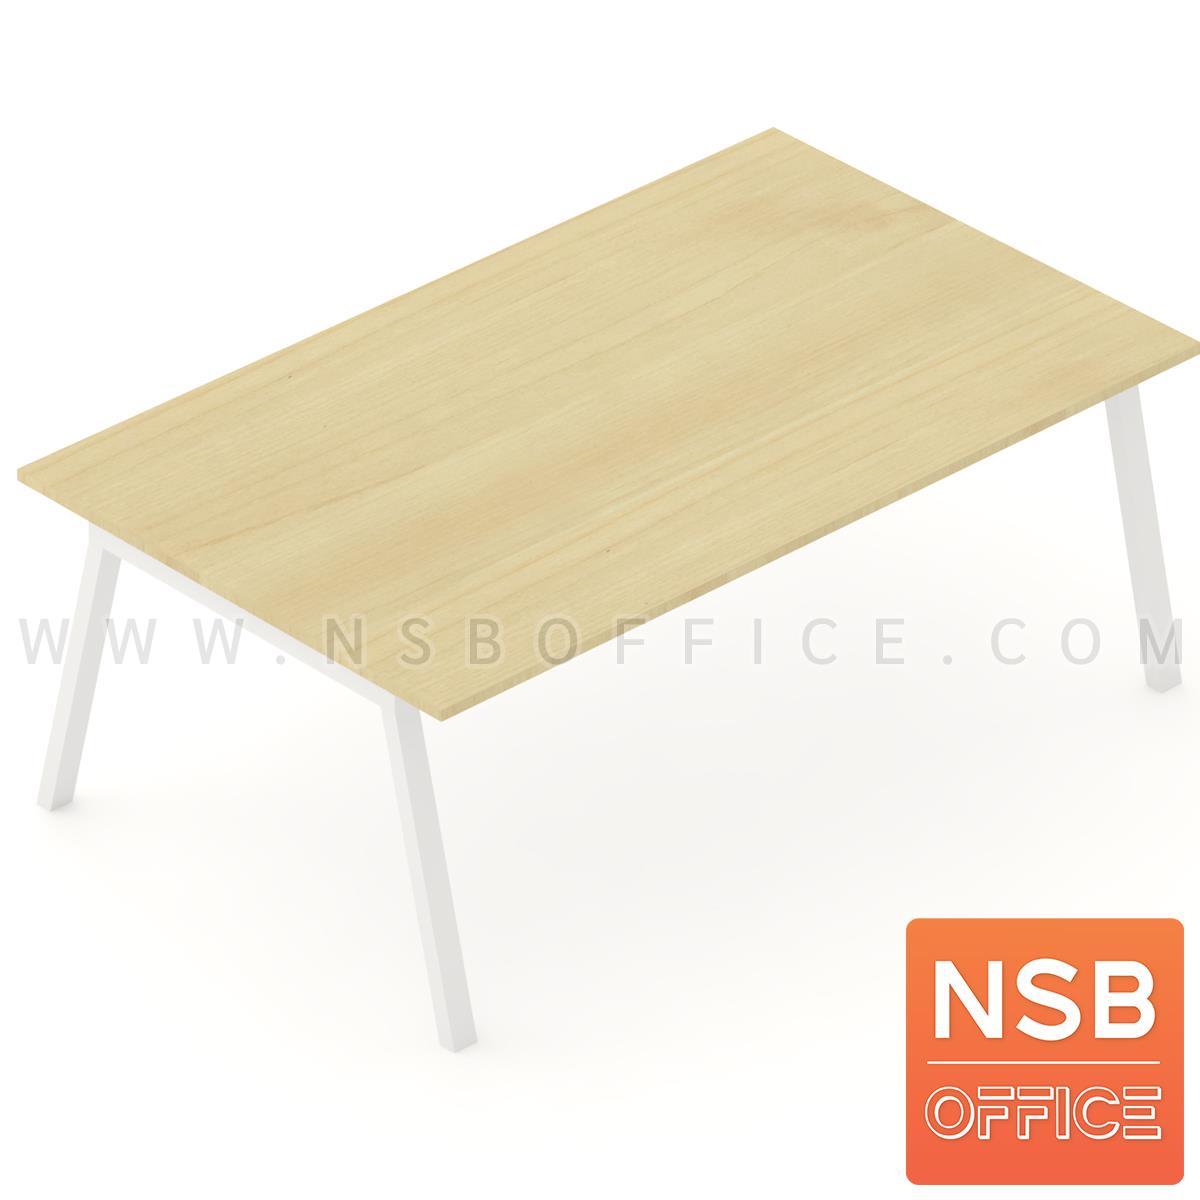 A05A187:โต๊ะประชุมทรงสี่เหลี่ยม ขาทรงเอ  200W, 240W cm